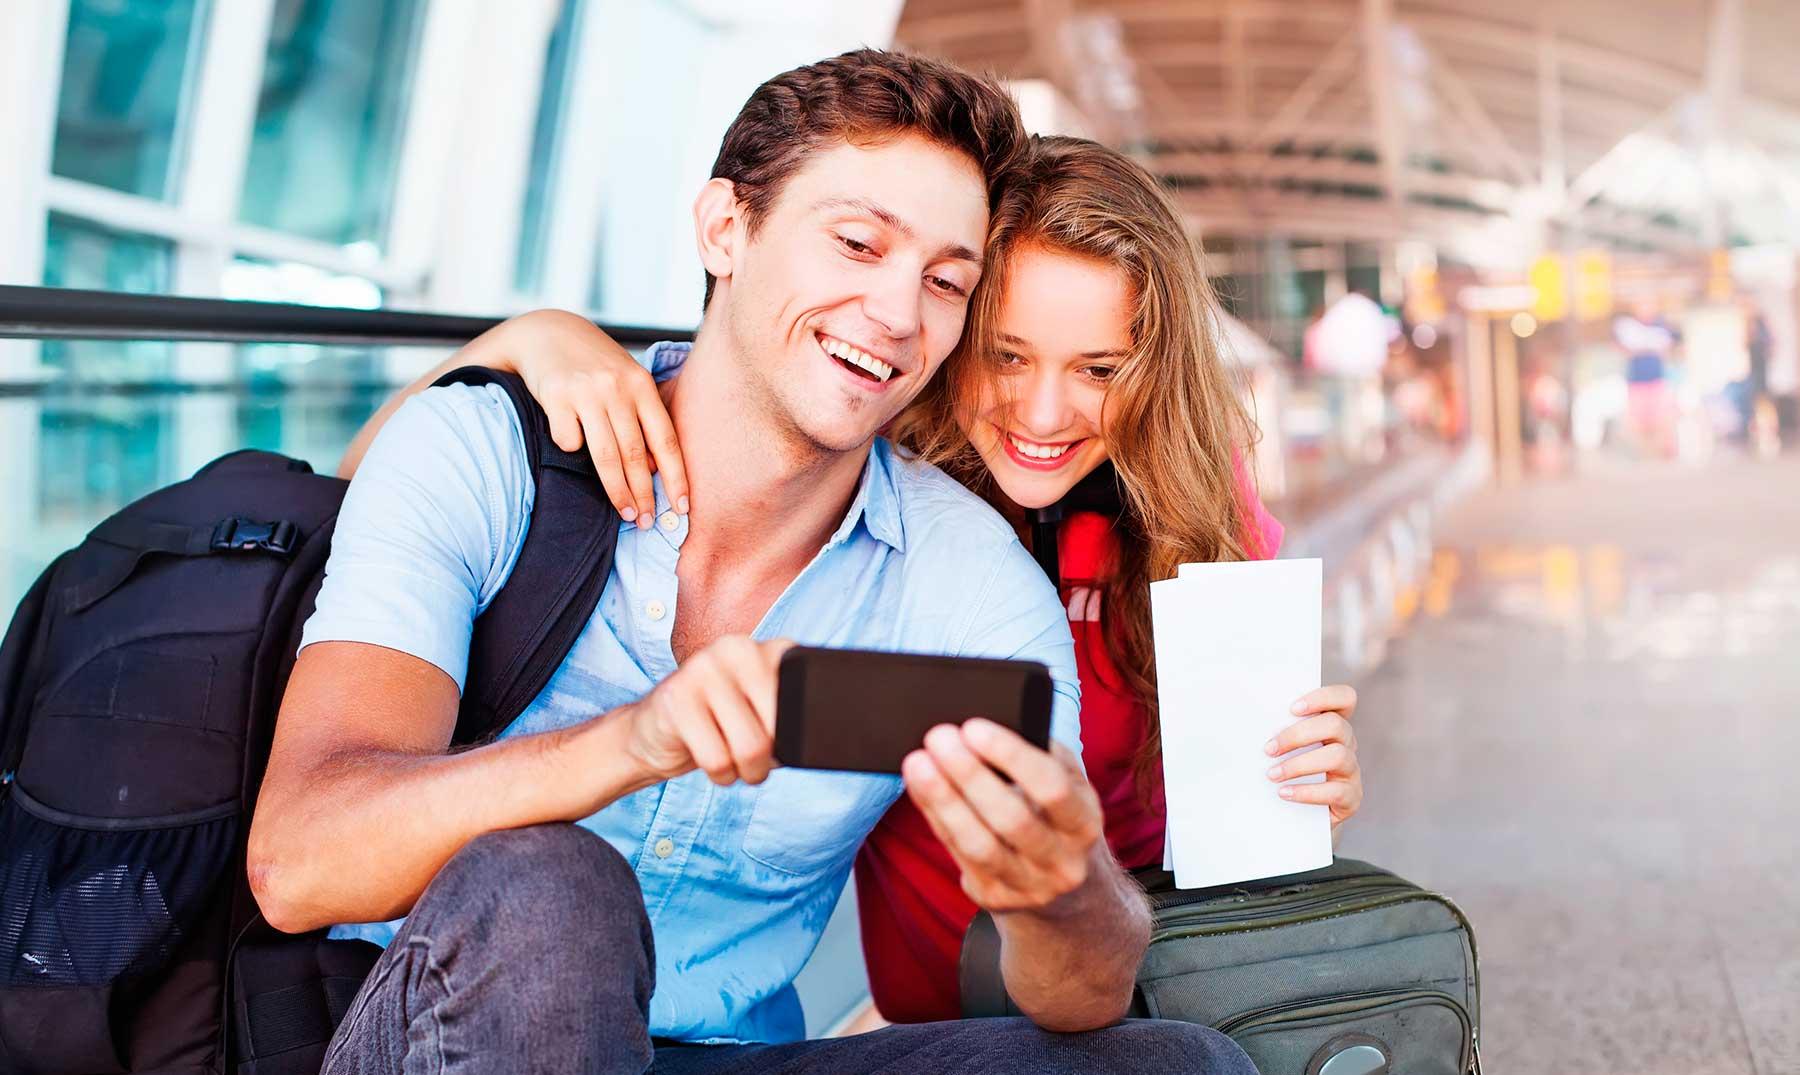 Año nuevo: 8 Apps para disfrutar tu próximo viaje